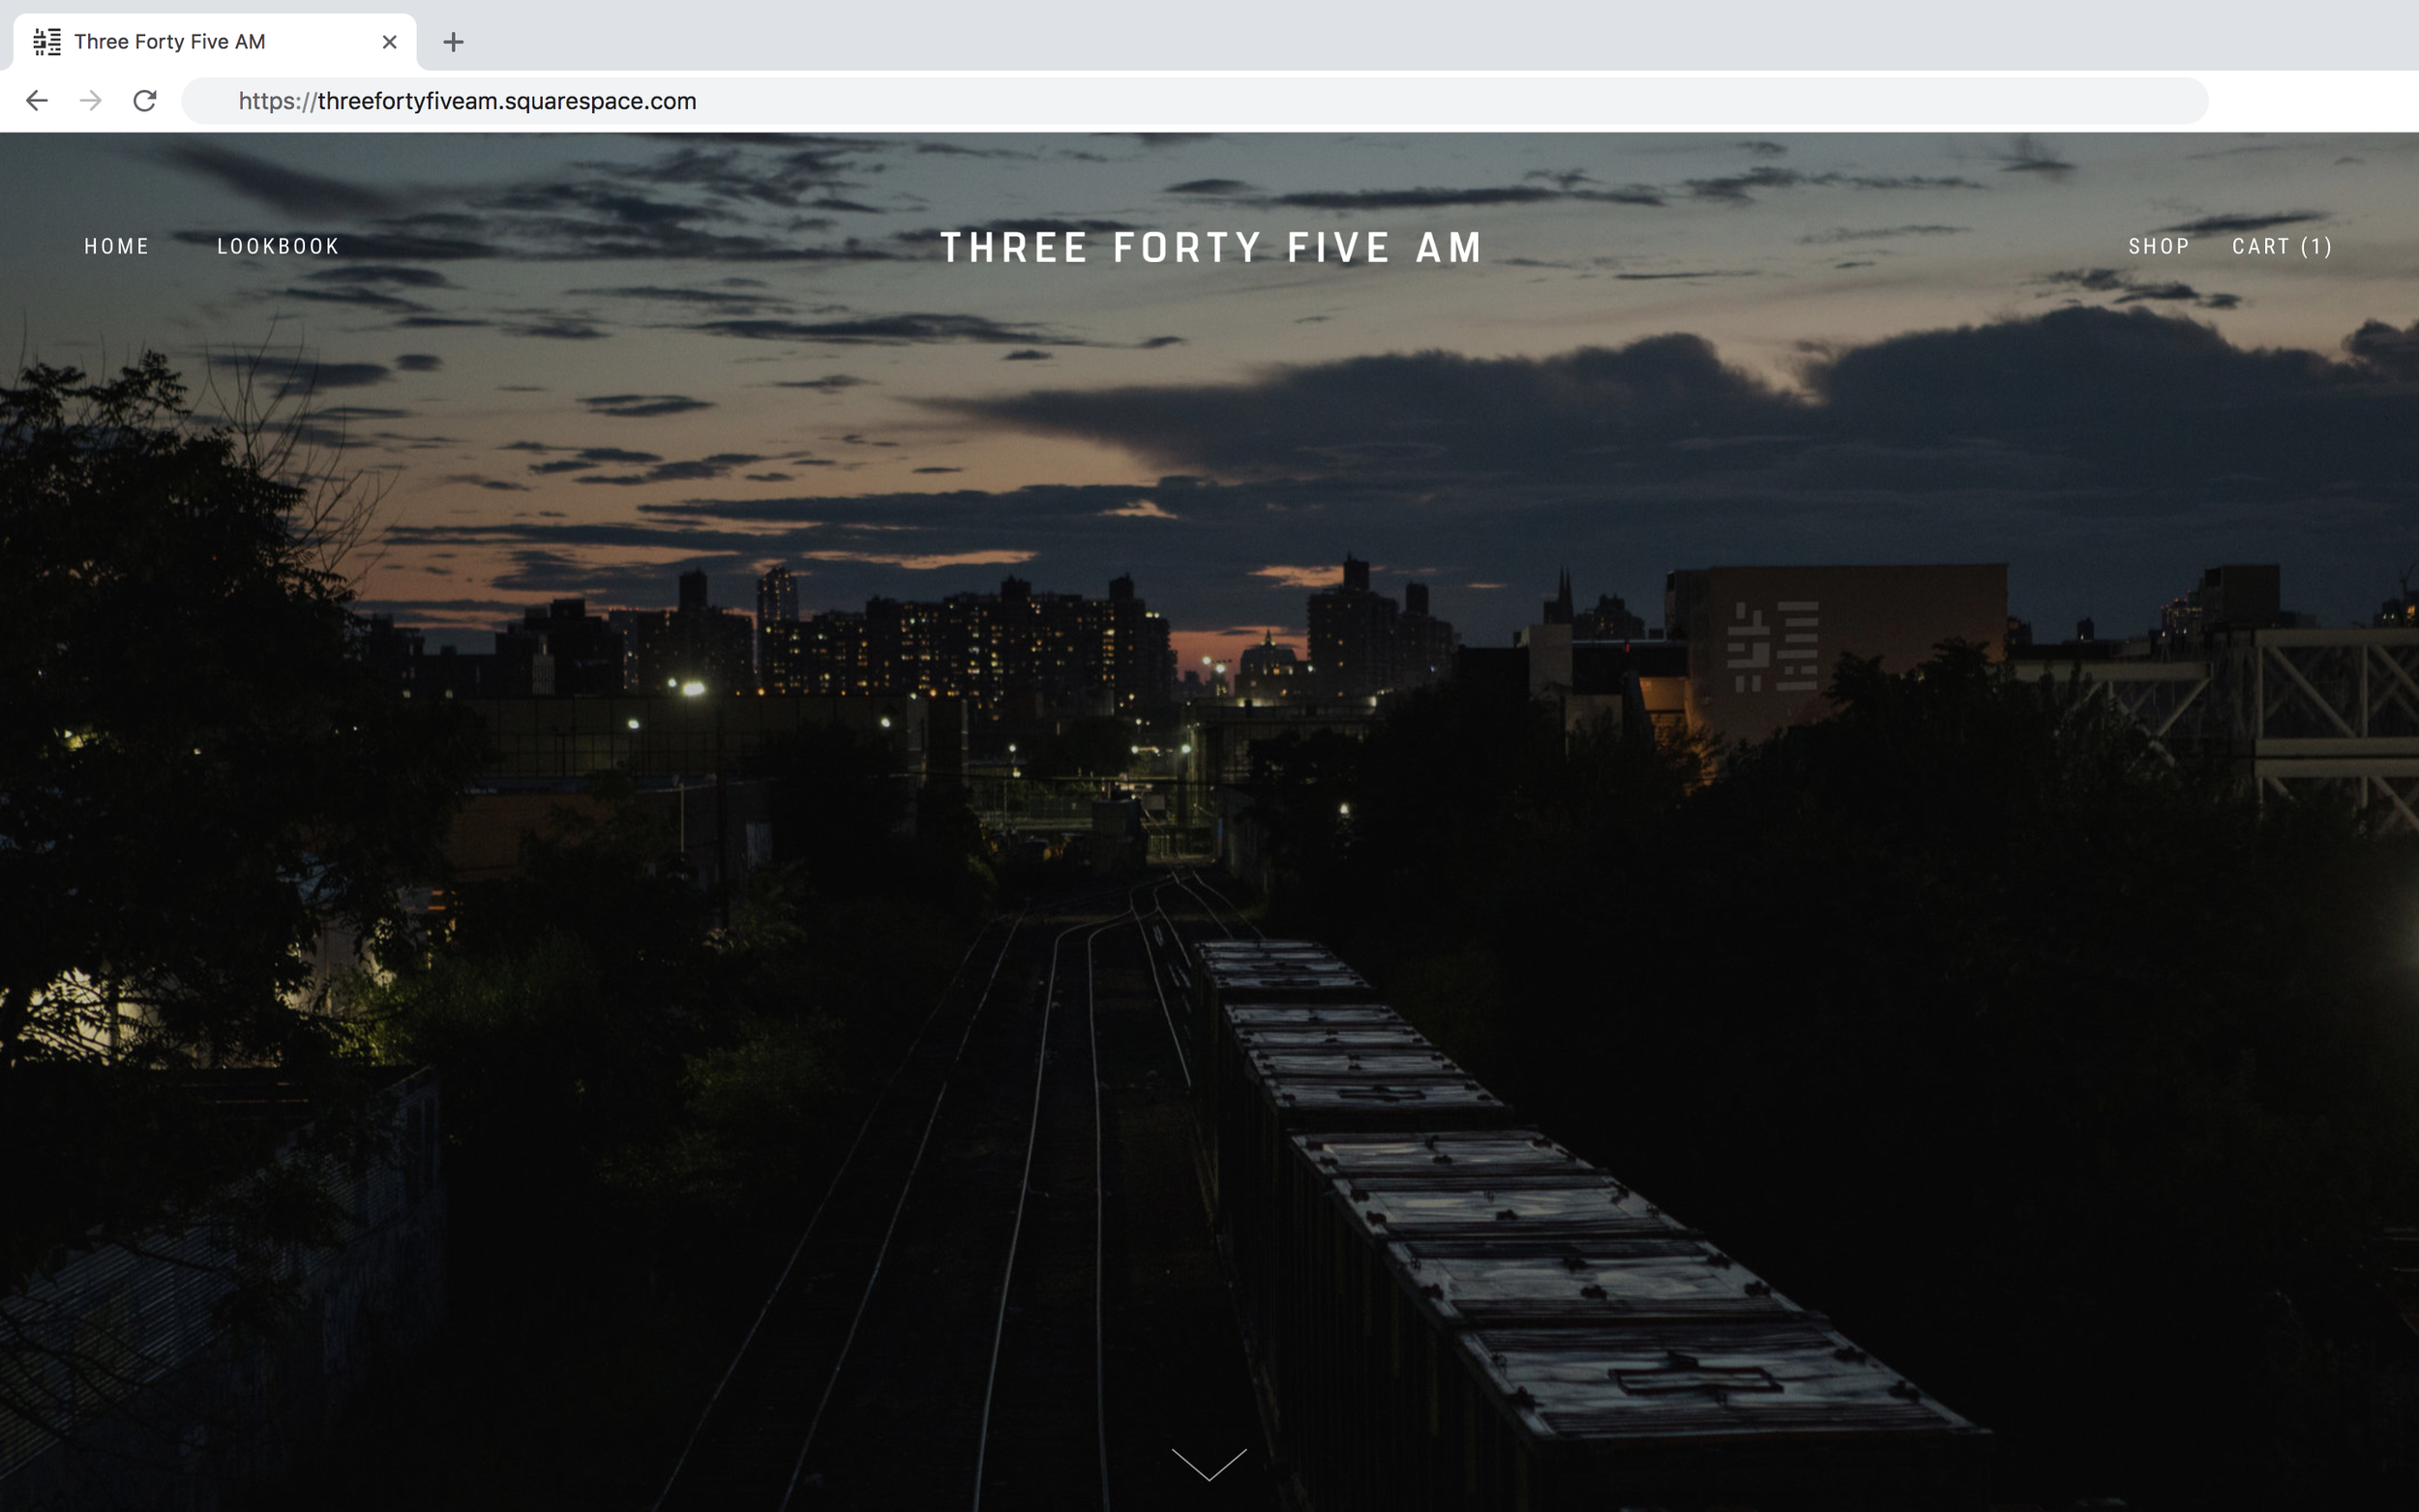 Screen Shot 2019-01-06 at 8.25.41 PM.png